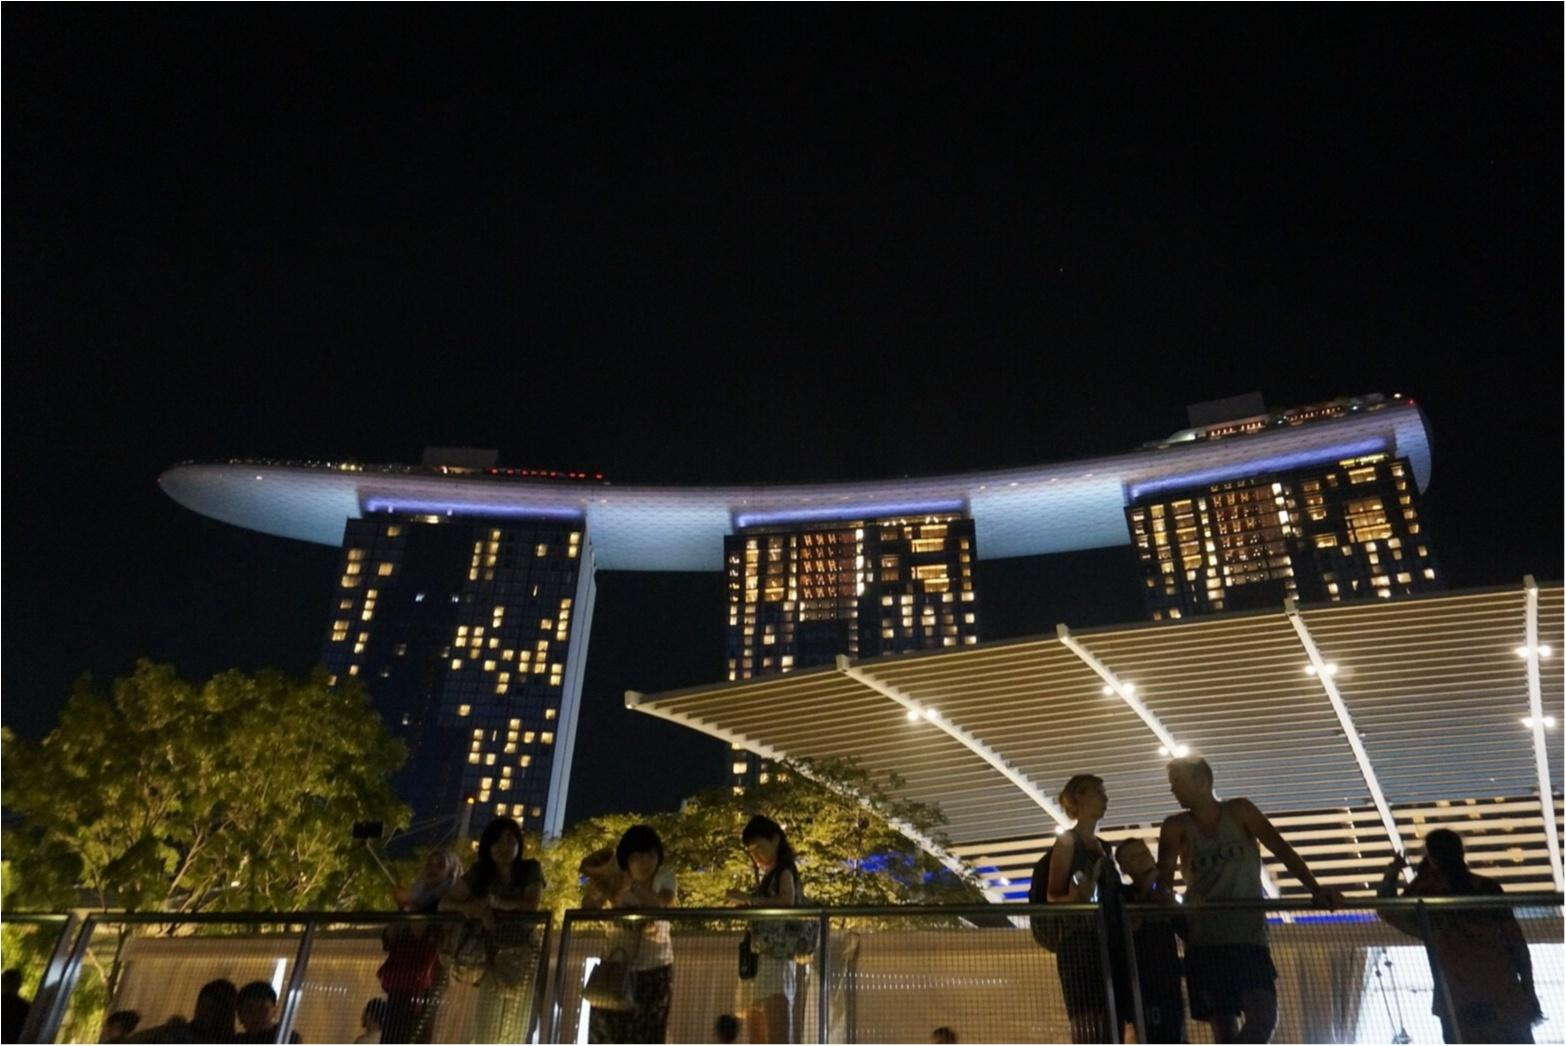 シンガポール女子旅特集 - 人気のマリーナベイ・サンズなどインスタ映えスポット、おいしいグルメがいっぱい♪_18